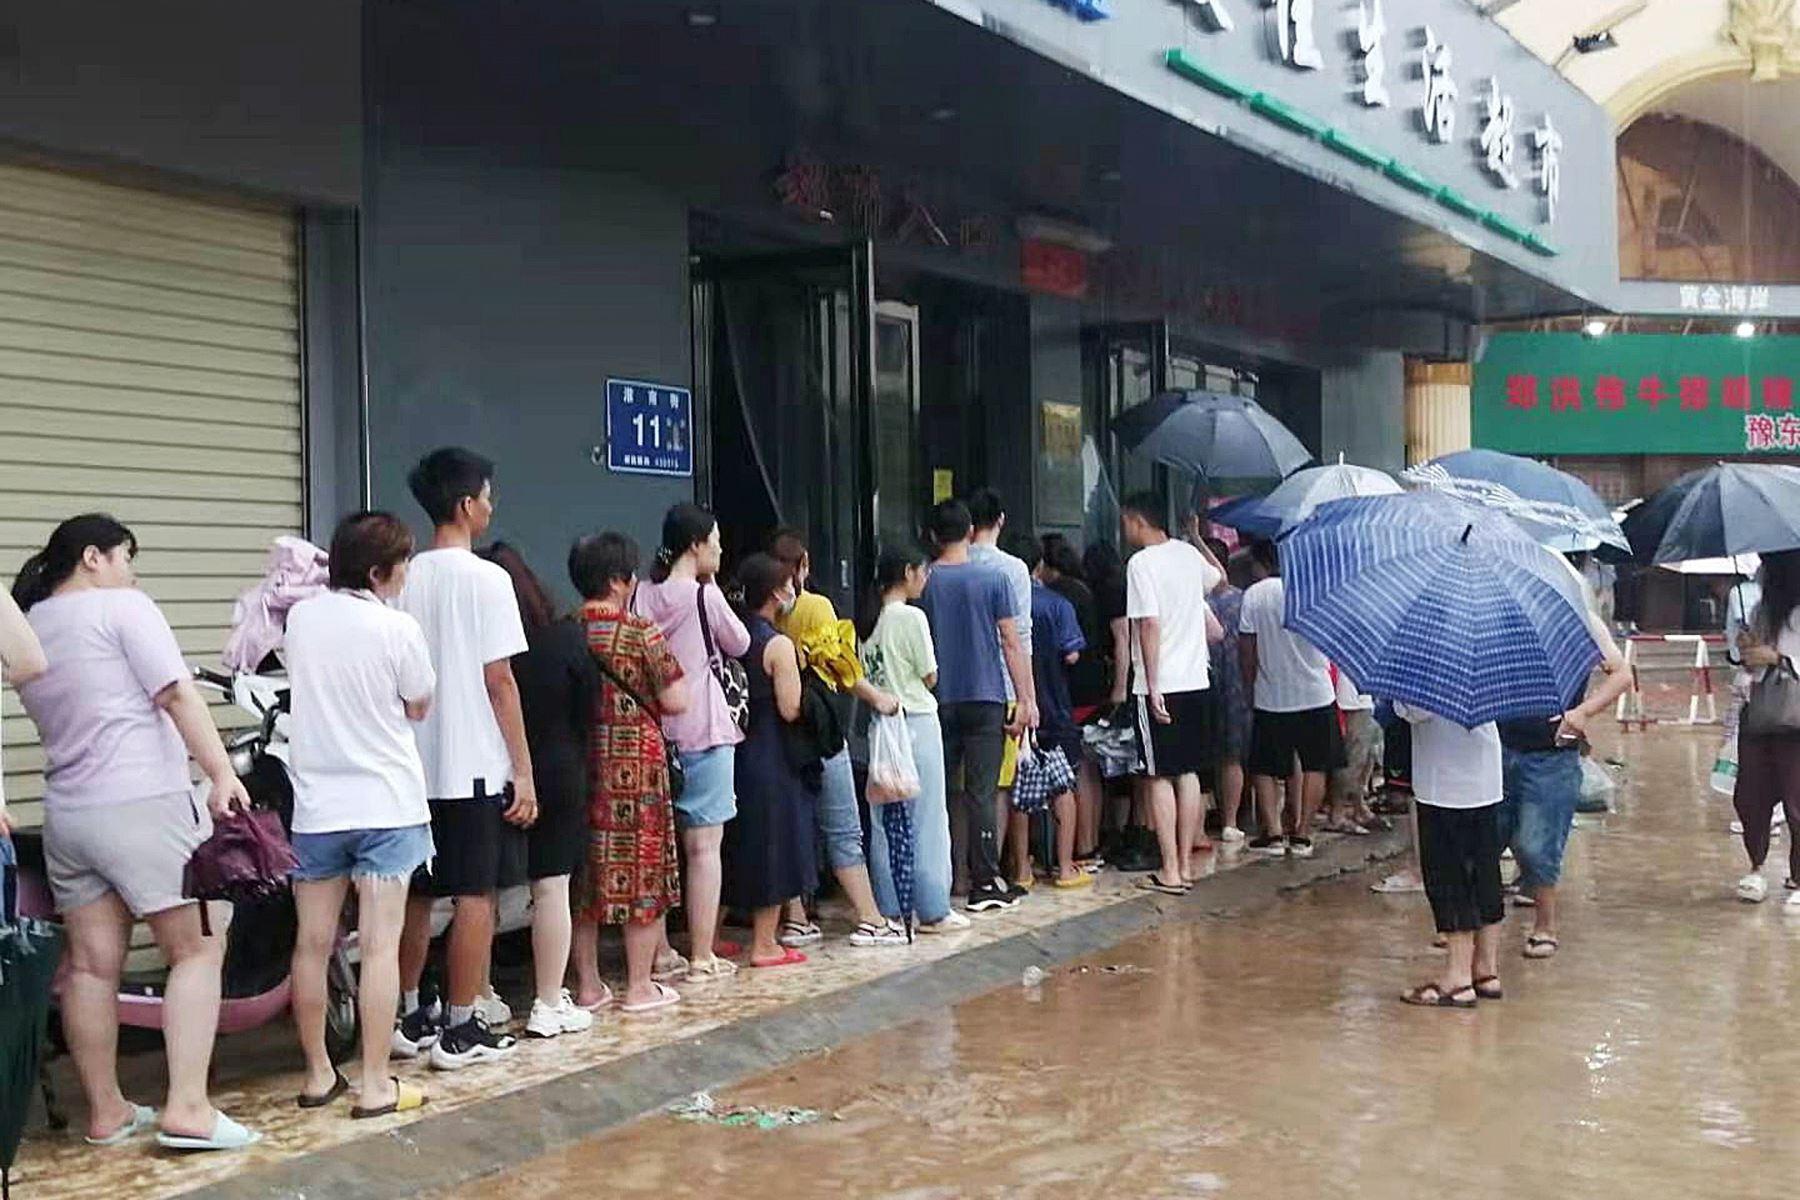 Personas hacen cola al lado de una pista inundada en medio de fuertes lluvias en Zhengzhou, provincia de Henan, China. Foto: EFE